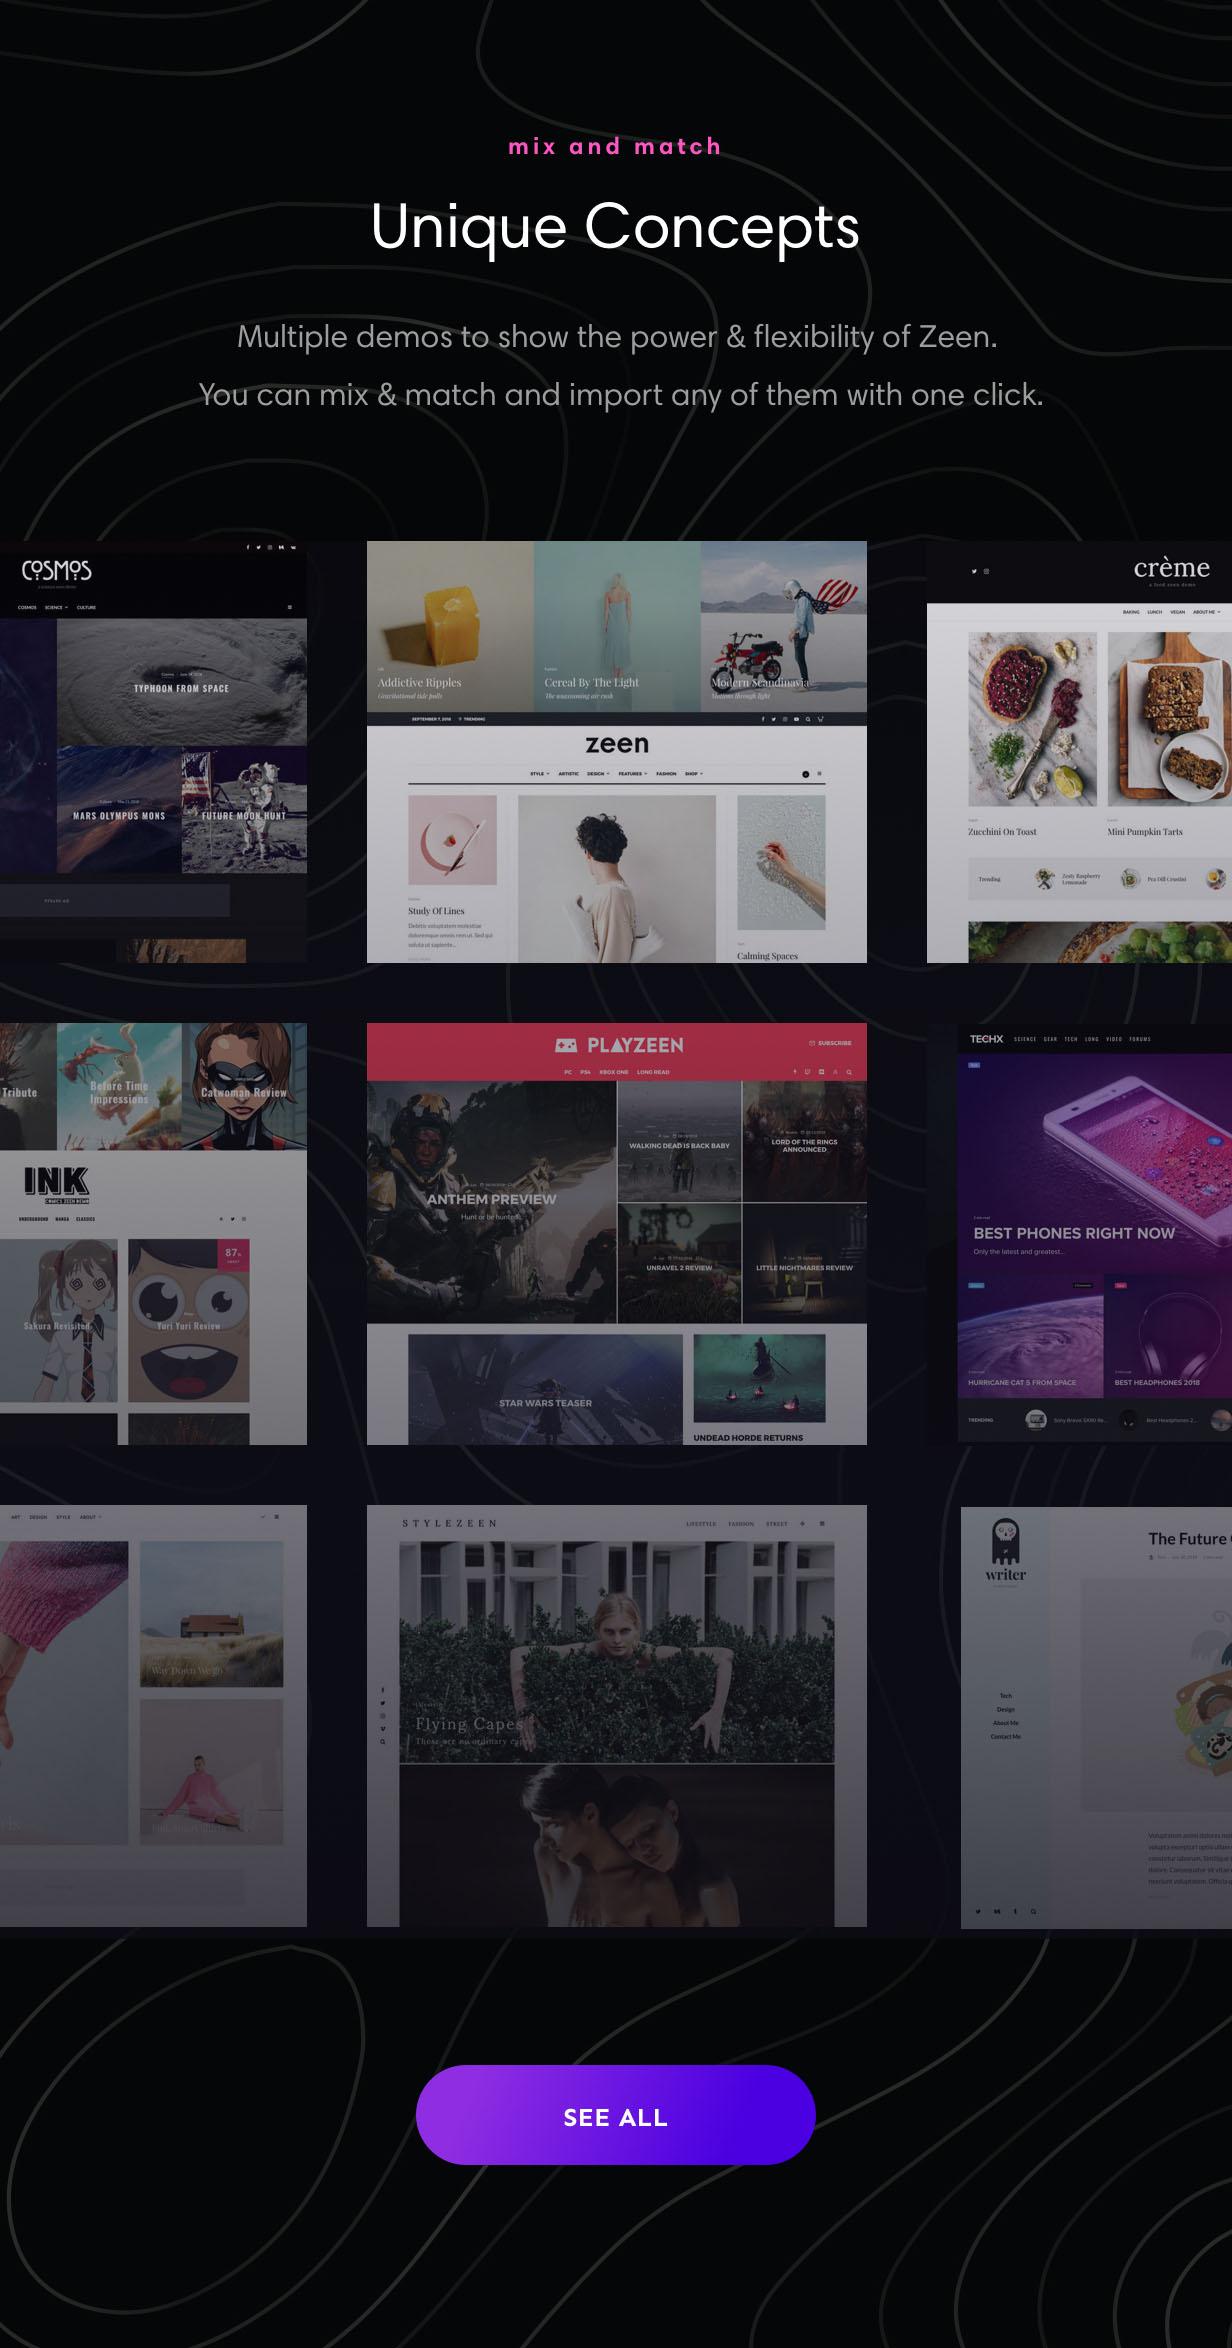 zeen-concepts.jpg